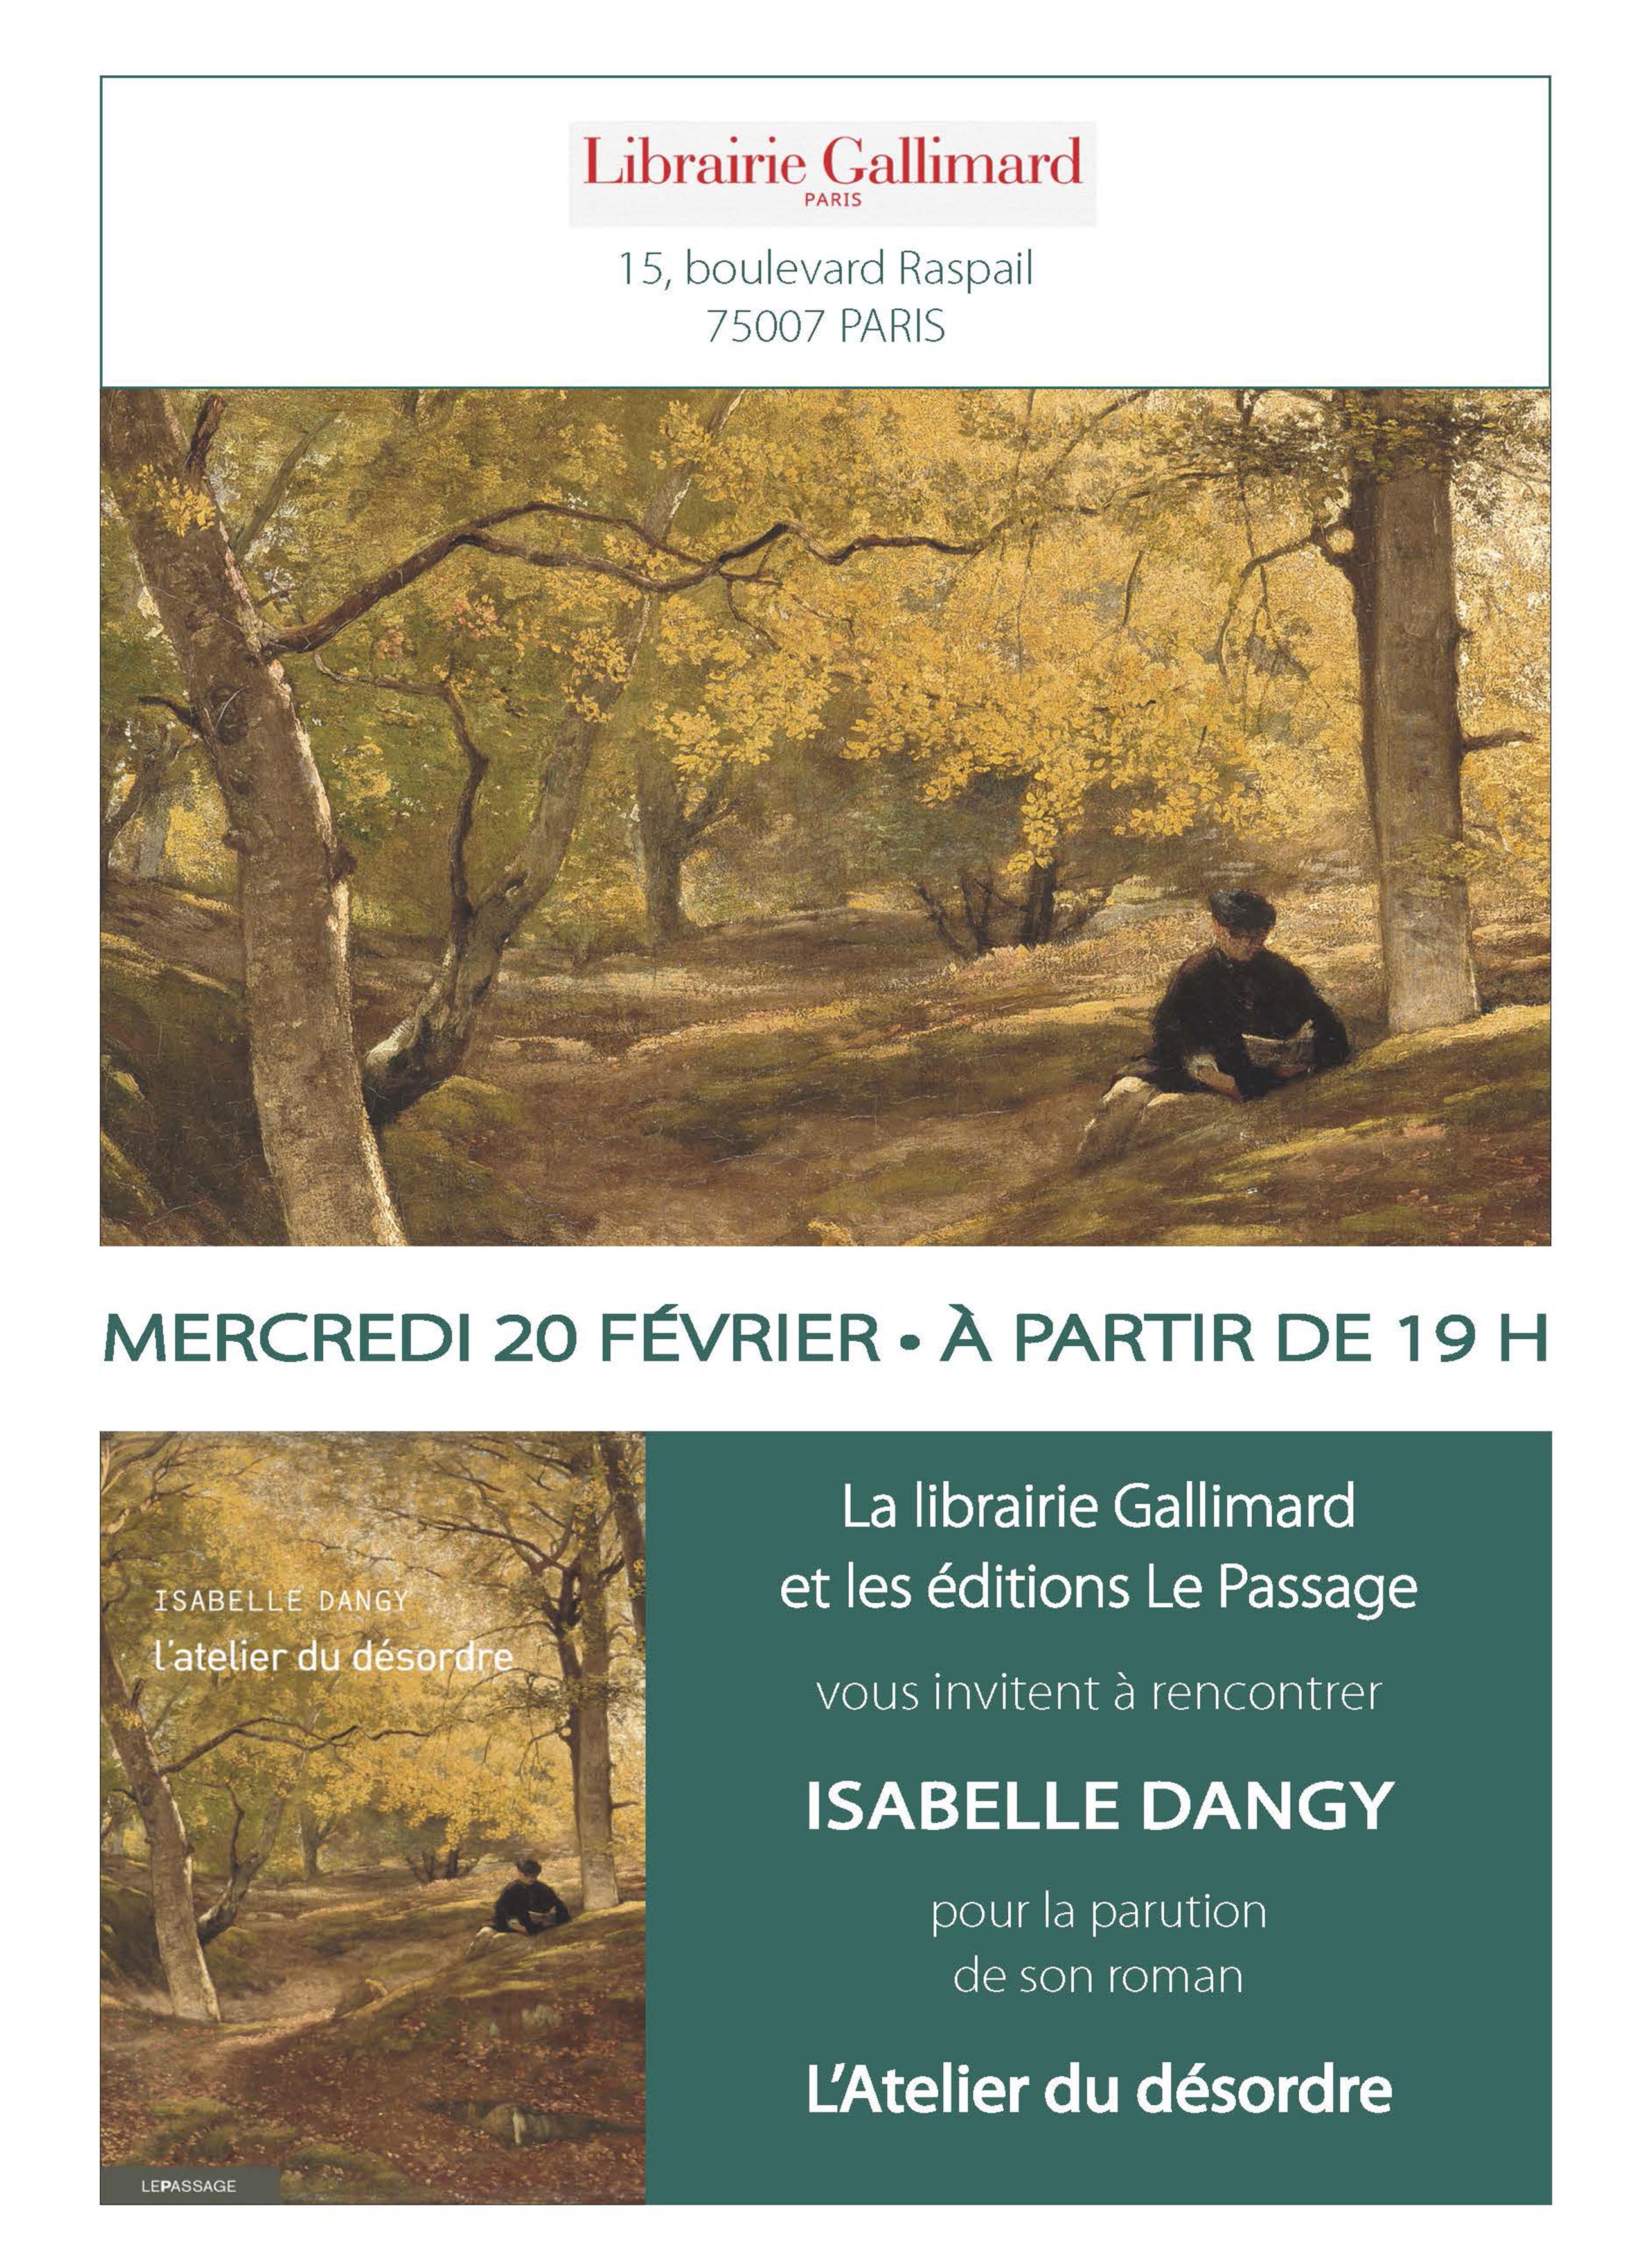 Affichette Dangy Gallimard